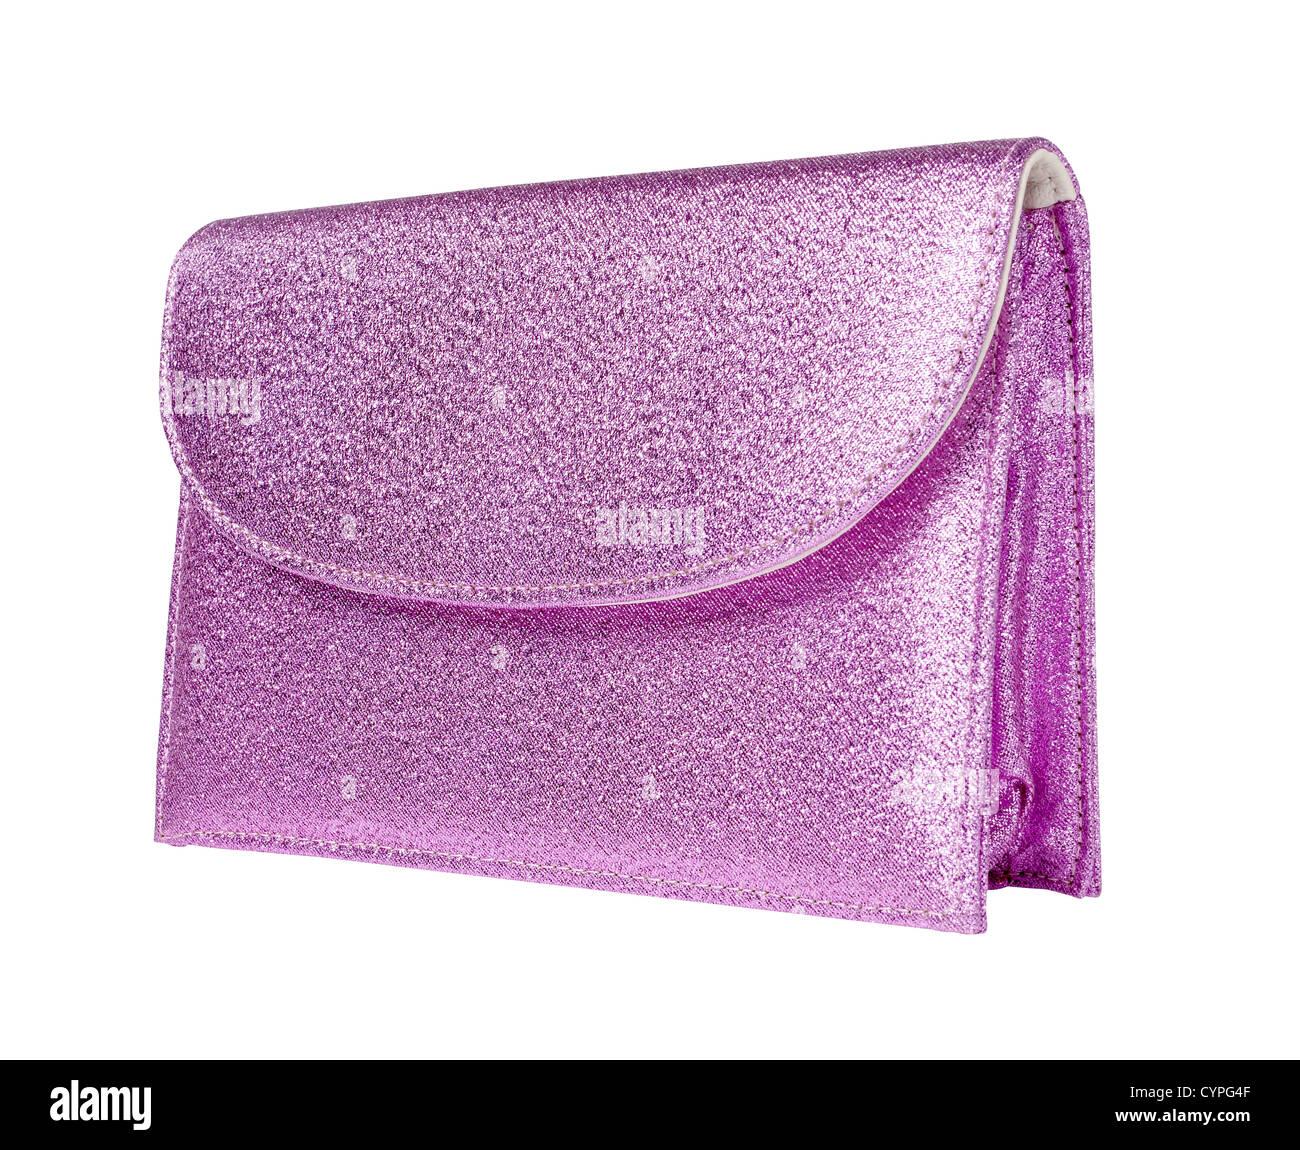 Pink glitter purse - Stock Image